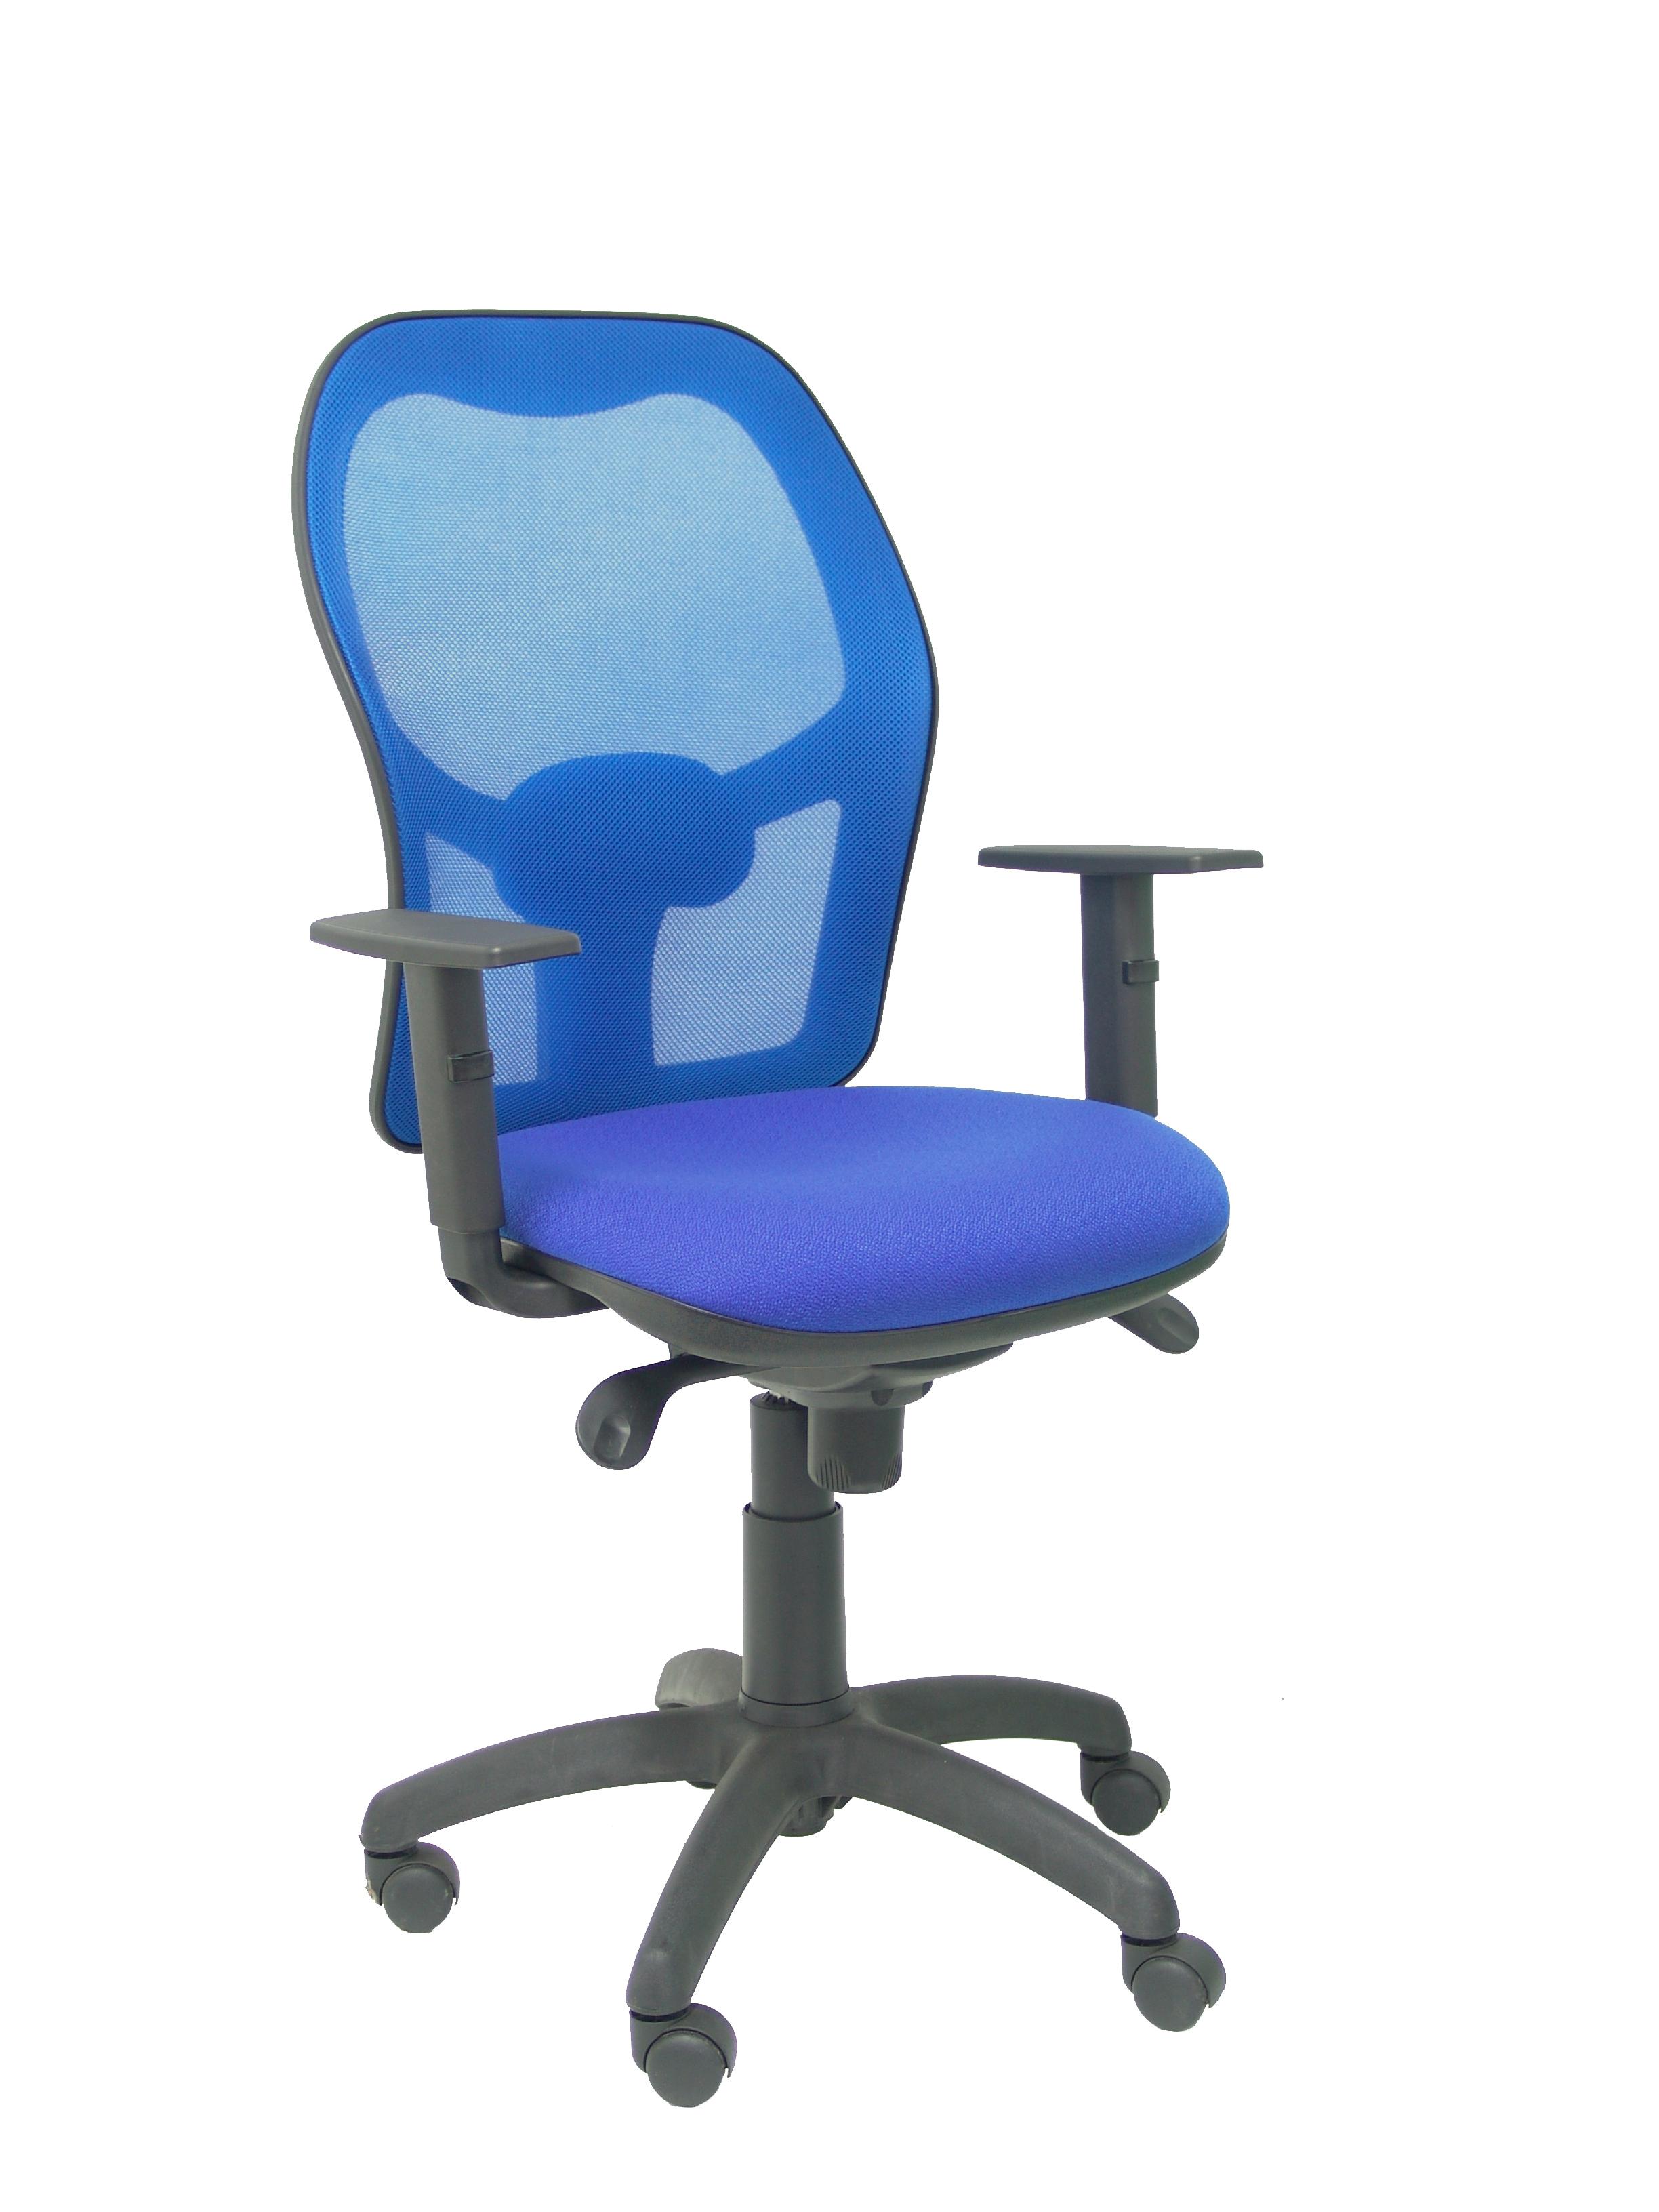 Silla Jorquera malla azul asiento bali azul